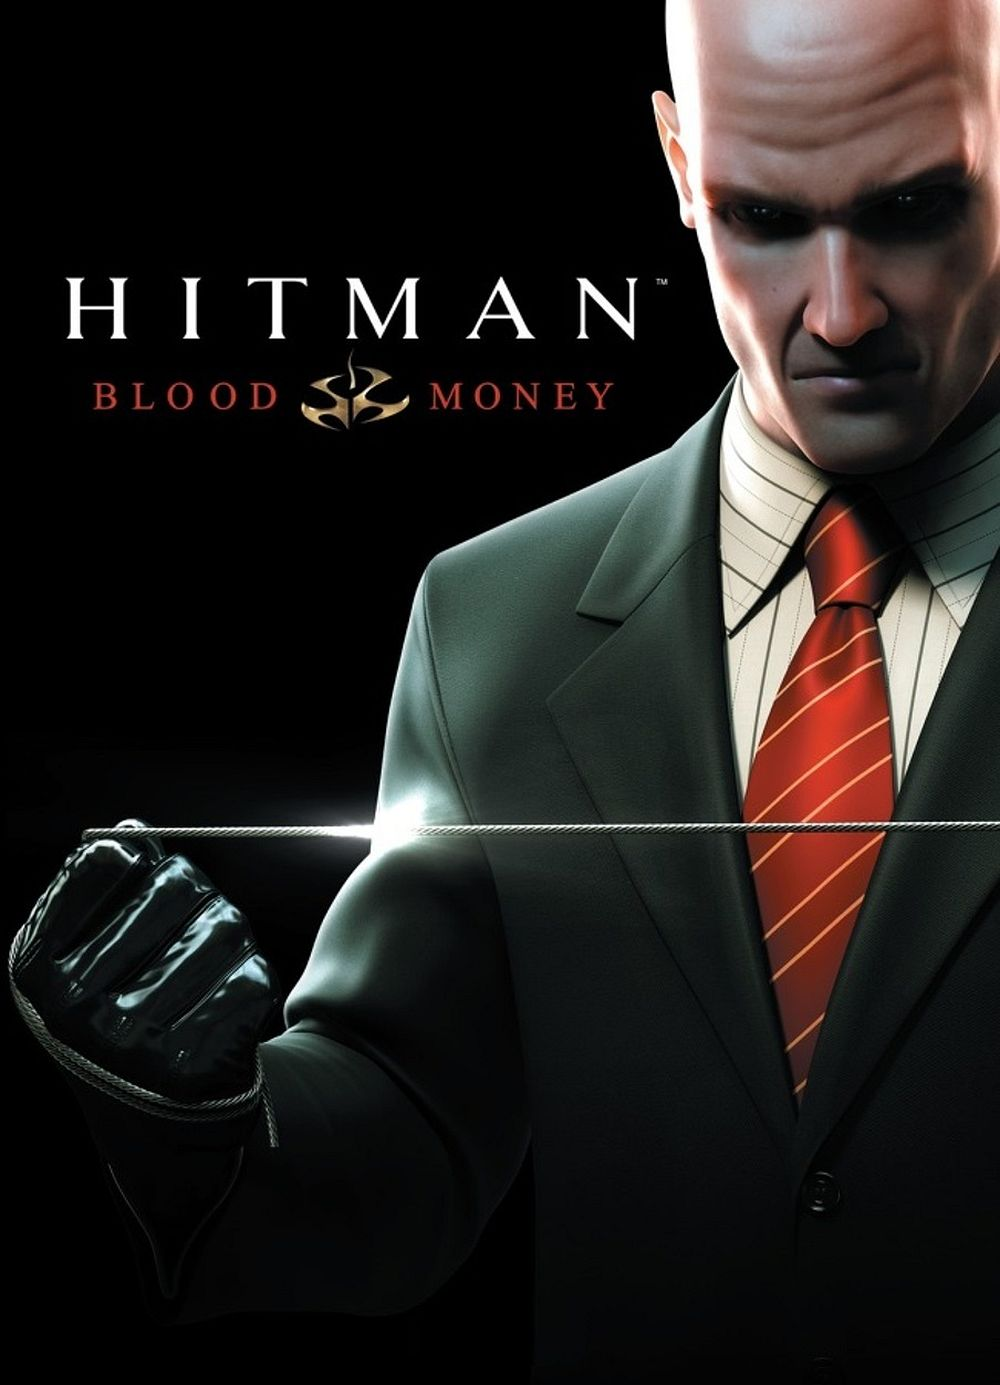 читы на игру hitman кровавые деньги